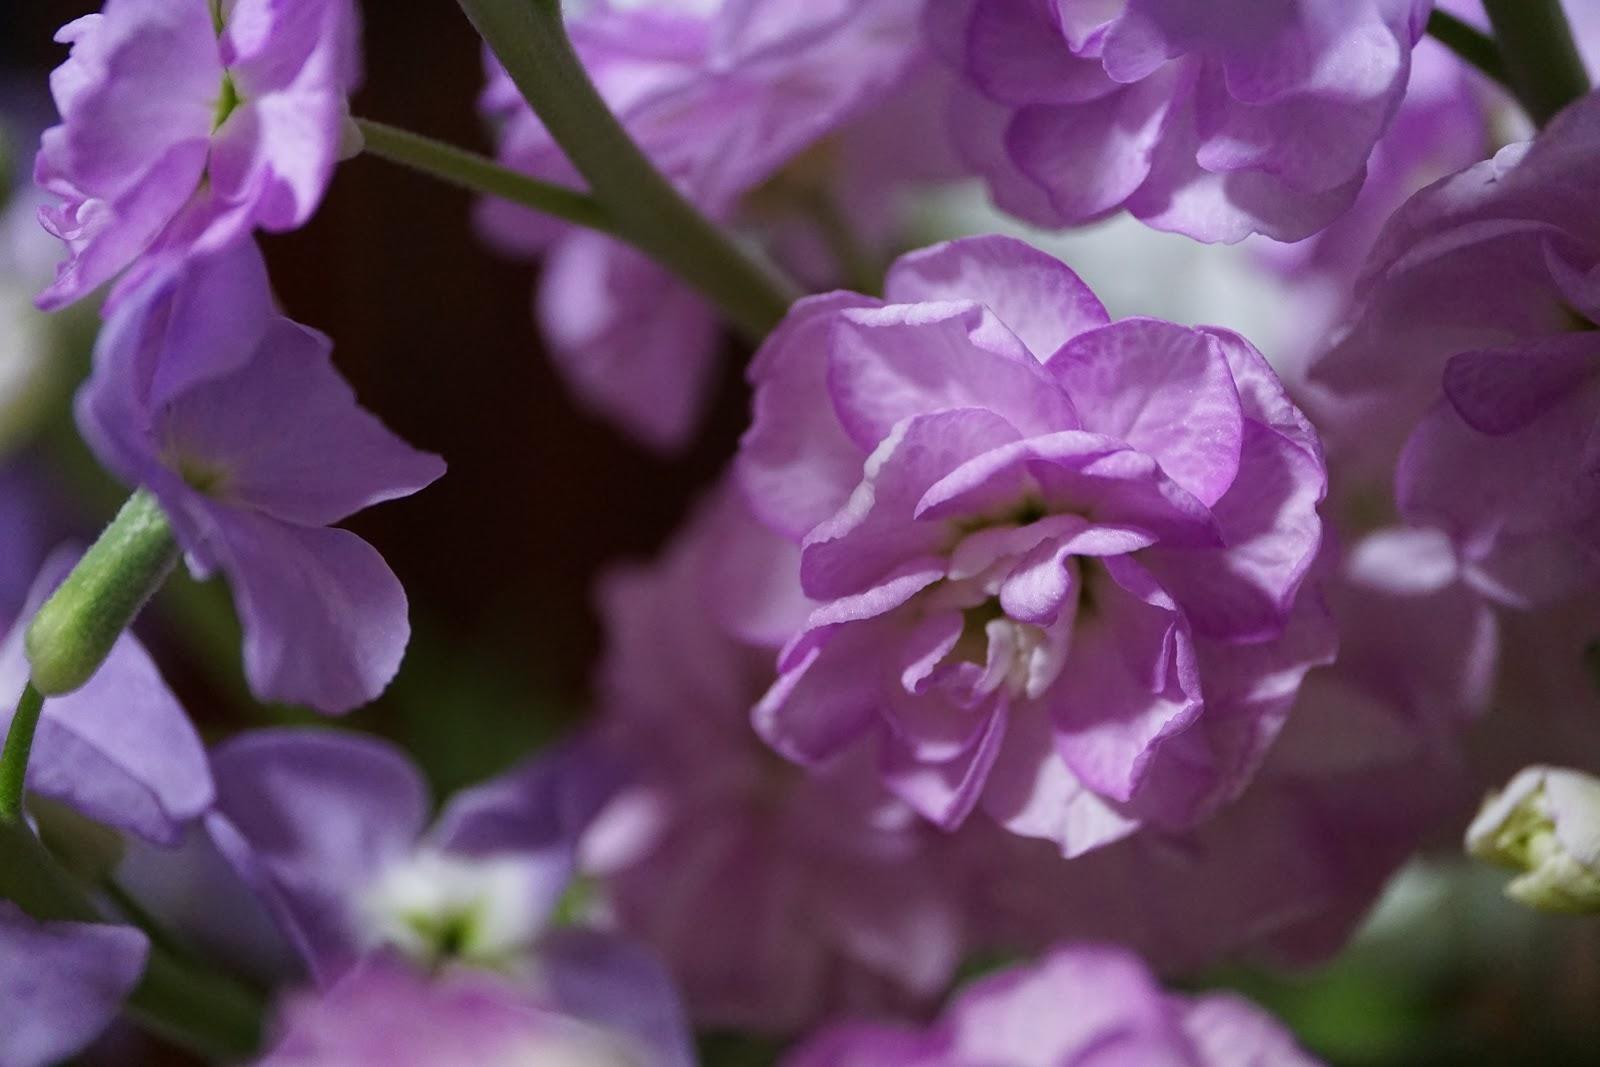 薄紫の小さめの幾つもの花瓶の花